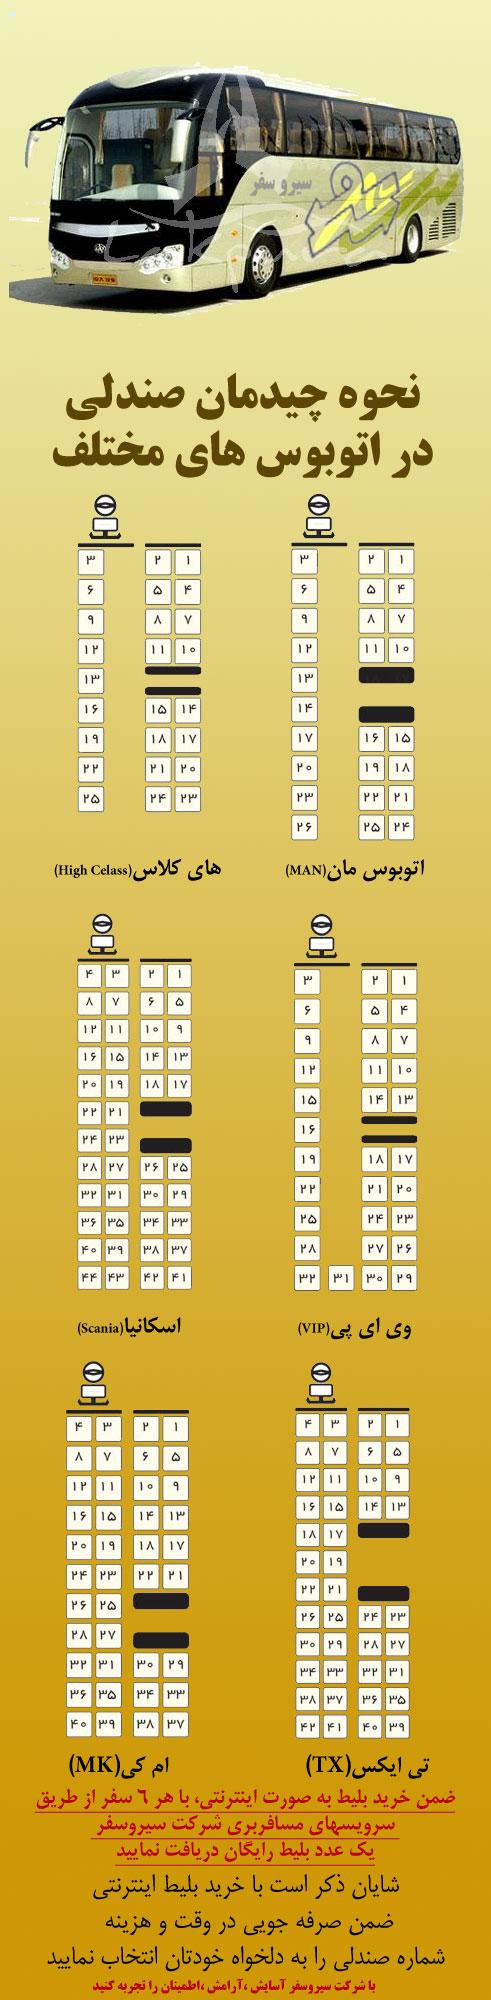 خرید+بلیط+رویال+سفر+شیراز